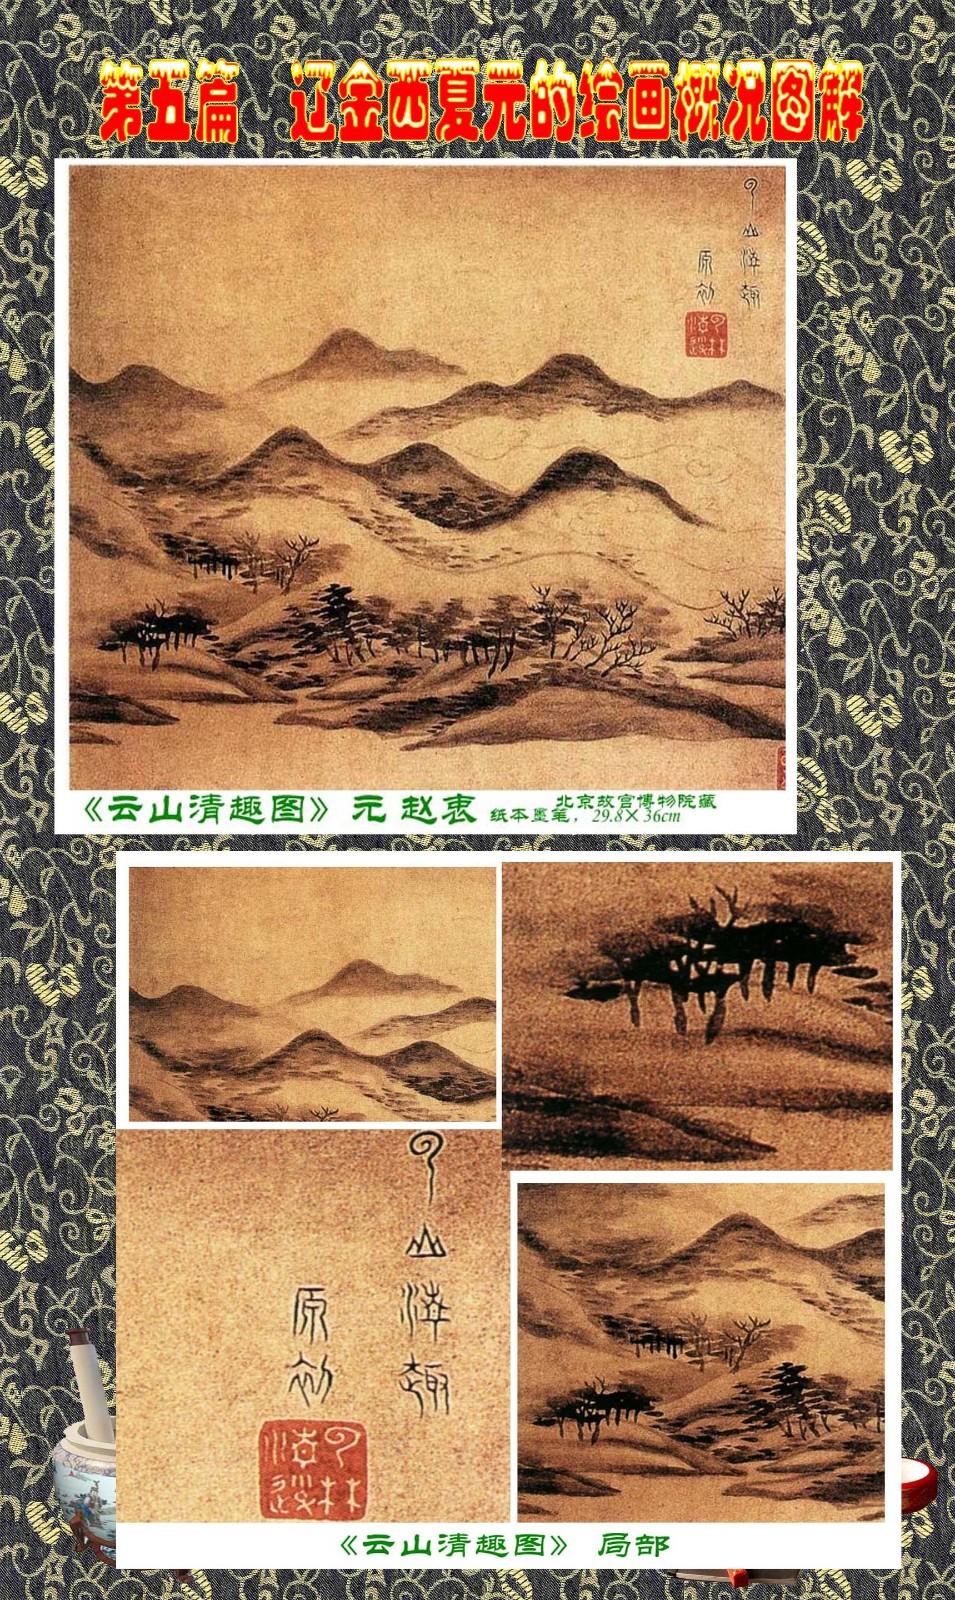 顾绍骅编辑 中国画知识普及版 第五篇 辽金西夏元的绘画概况 下 ... ..._图1-88